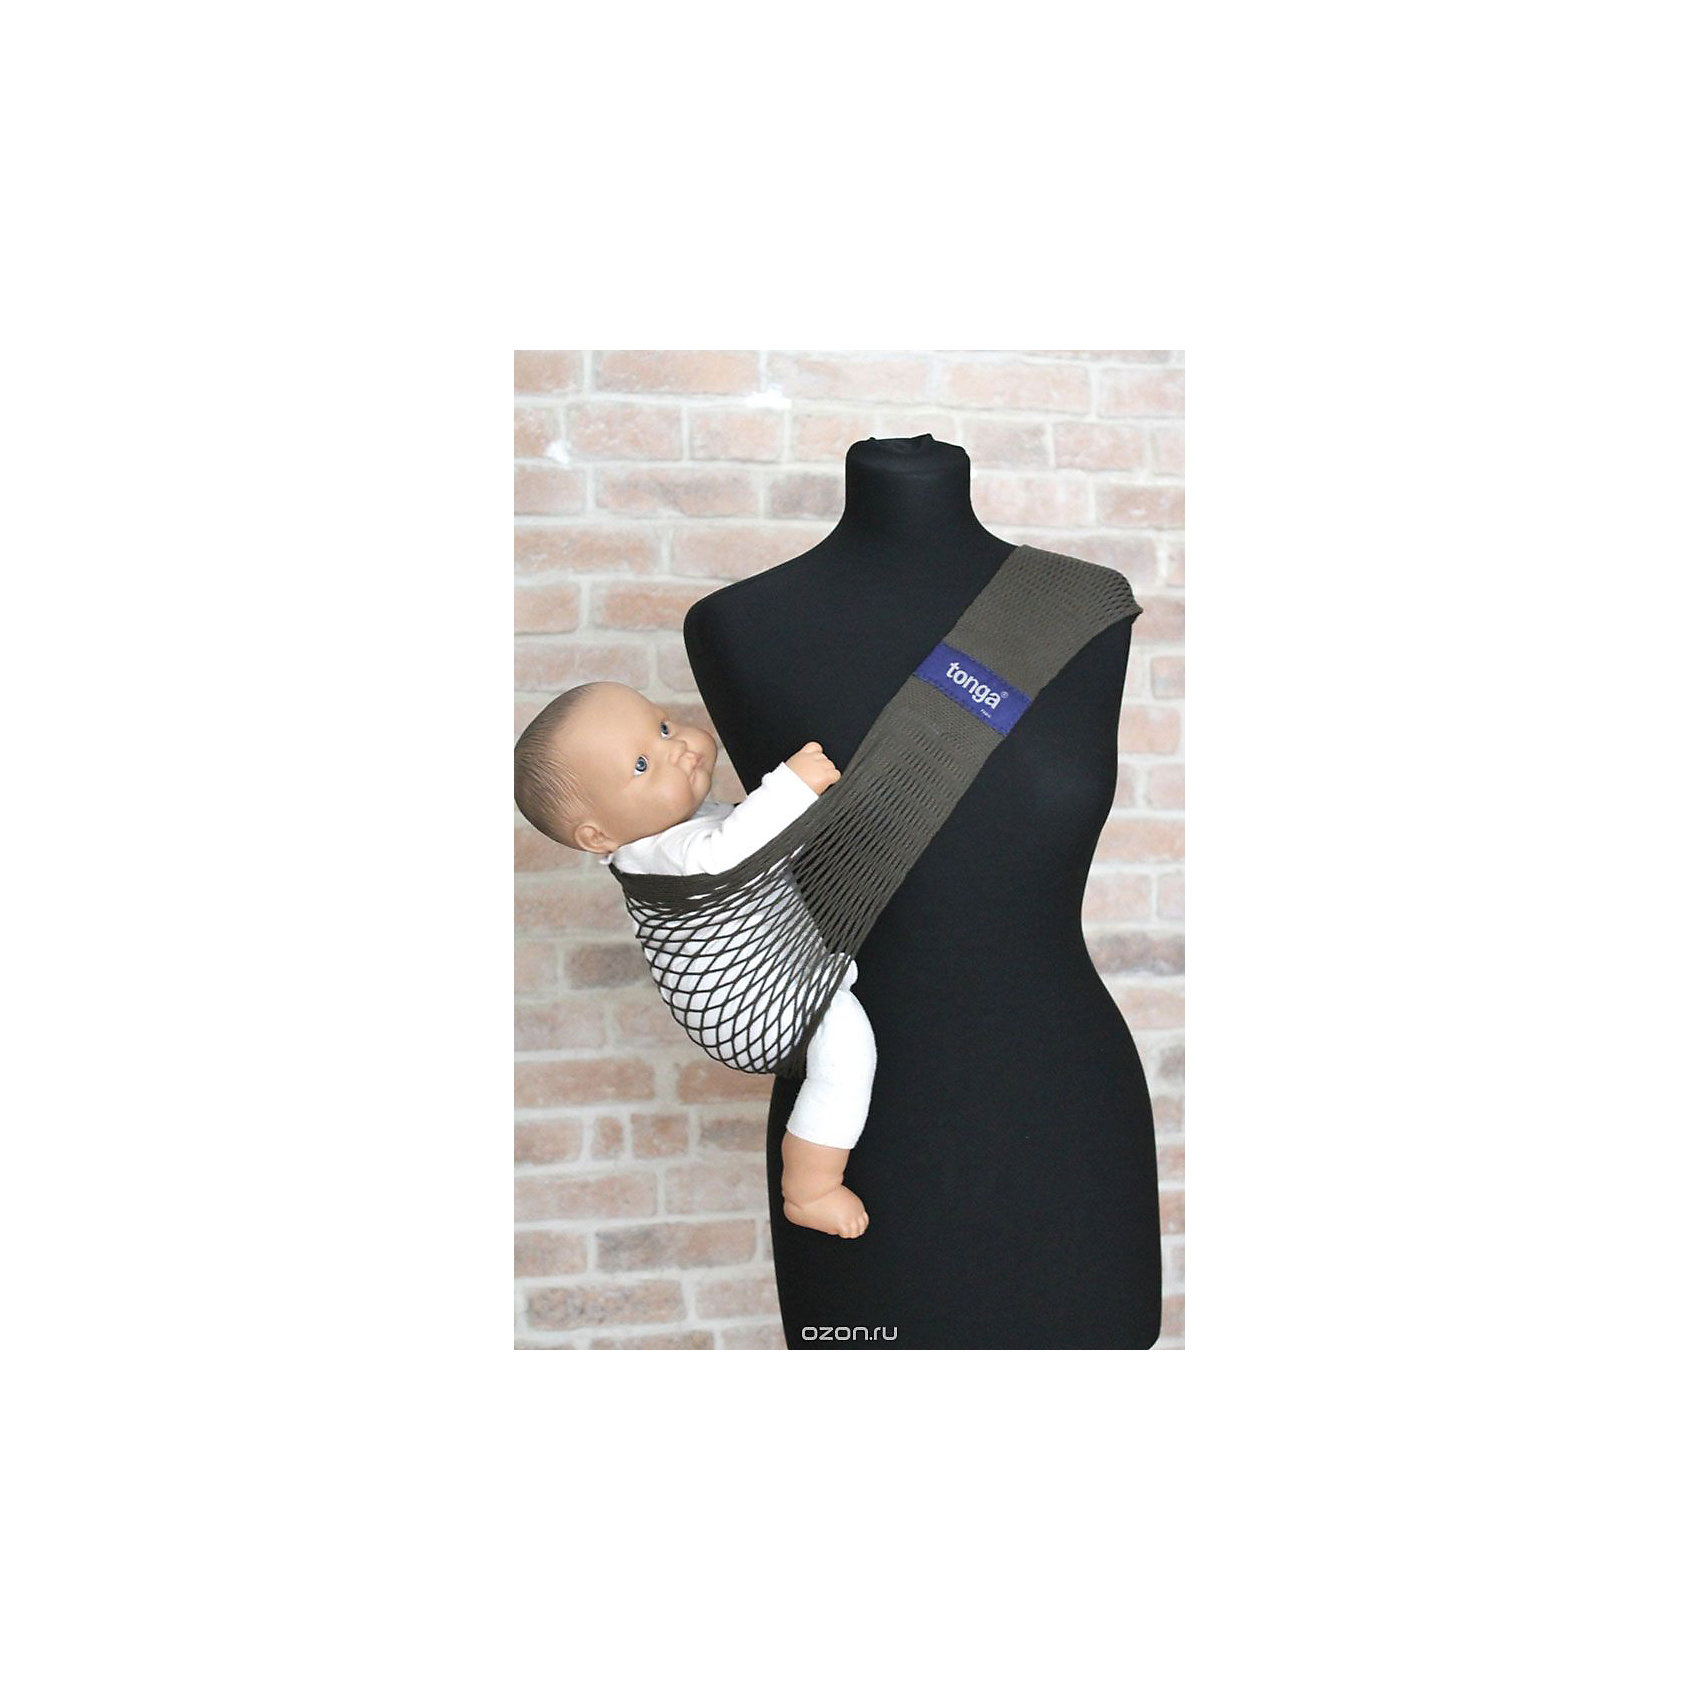 Слинг на бедро, Тонга, Filt, kaki/хакиСлинги и рюкзаки-переноски<br>Характеристики:<br><br>• разработан совместно с врачами-ортопедами;<br>• обеспечивает оптимальную поддержку ребенка;<br>• легко надевается;<br>• основное положение: на бедре;<br>• подходит для автоматической стирки при температуре 30 градусов;<br>• регулируемая длина;<br>• цвет: хаки;<br>• материал: хлопок;<br>• возраст ребенка: 6 месяцев-2 года (до 15 кг);<br>• размер слинга: 70х12х15 см;<br>• размер упаковки: 24х12х2 см;<br>• вес: 140 грамм;<br>• страна бренда: Франция.<br><br>Слинг Тонга отлично подойдет для активных мам. Уникальное переплетение из натурального хлопка позволит вам комфортно передвигаться с малышом в любое время года. Слинг окрашен устойчивыми нетоксичными красителями в соответствии с нормами OEKO-TEX. Сетчатое плетение обеспечивает необходимую упругость, а хлопок гарантирует приятную мягкость для ребенка.<br><br>Размер слинга можно регулировать для удобства родителя. Лишнюю часть полотна можно намотать на большую пряжку. Пряжку следует располагать под ключицей или на спине, чтобы избежать неприятного давления на плечо. Центральная часть сделана более широкой для правильного расположения ребенка. Ножки крохи будут разведены в форме  «лягушки», что особенно важно для развития тазобедренных суставов.<br><br>Набедренный слинг подходит для совместного купания  с ребенком. После использования он быстро высыхает, сохраняя прежнюю форму. В сложенном виде Тонга очень компактен, благодаря чему вы всегда сможете  взять его с собой в путешествие или поездку.<br><br>Слинг Тонга подходит для малышей с 5-6-и месяцев до 1,5-2-х лет, весом до 15-и килограммов. Важно, чтобы ребенок умел самостоятельно держать голову и спинку. Размер слинга в разложенном виде: 70х12х15 сантиметров.<br><br>Слинг на бедро, Тонга, Filt (Филт), kaki/хаки можно купить в нашем интернет-магазине.<br><br>Ширина мм: 800<br>Глубина мм: 800<br>Высота мм: 50<br>Вес г: 500<br>Возраст от месяцев: 0<br>Возраст до месяцев: 12<br>П